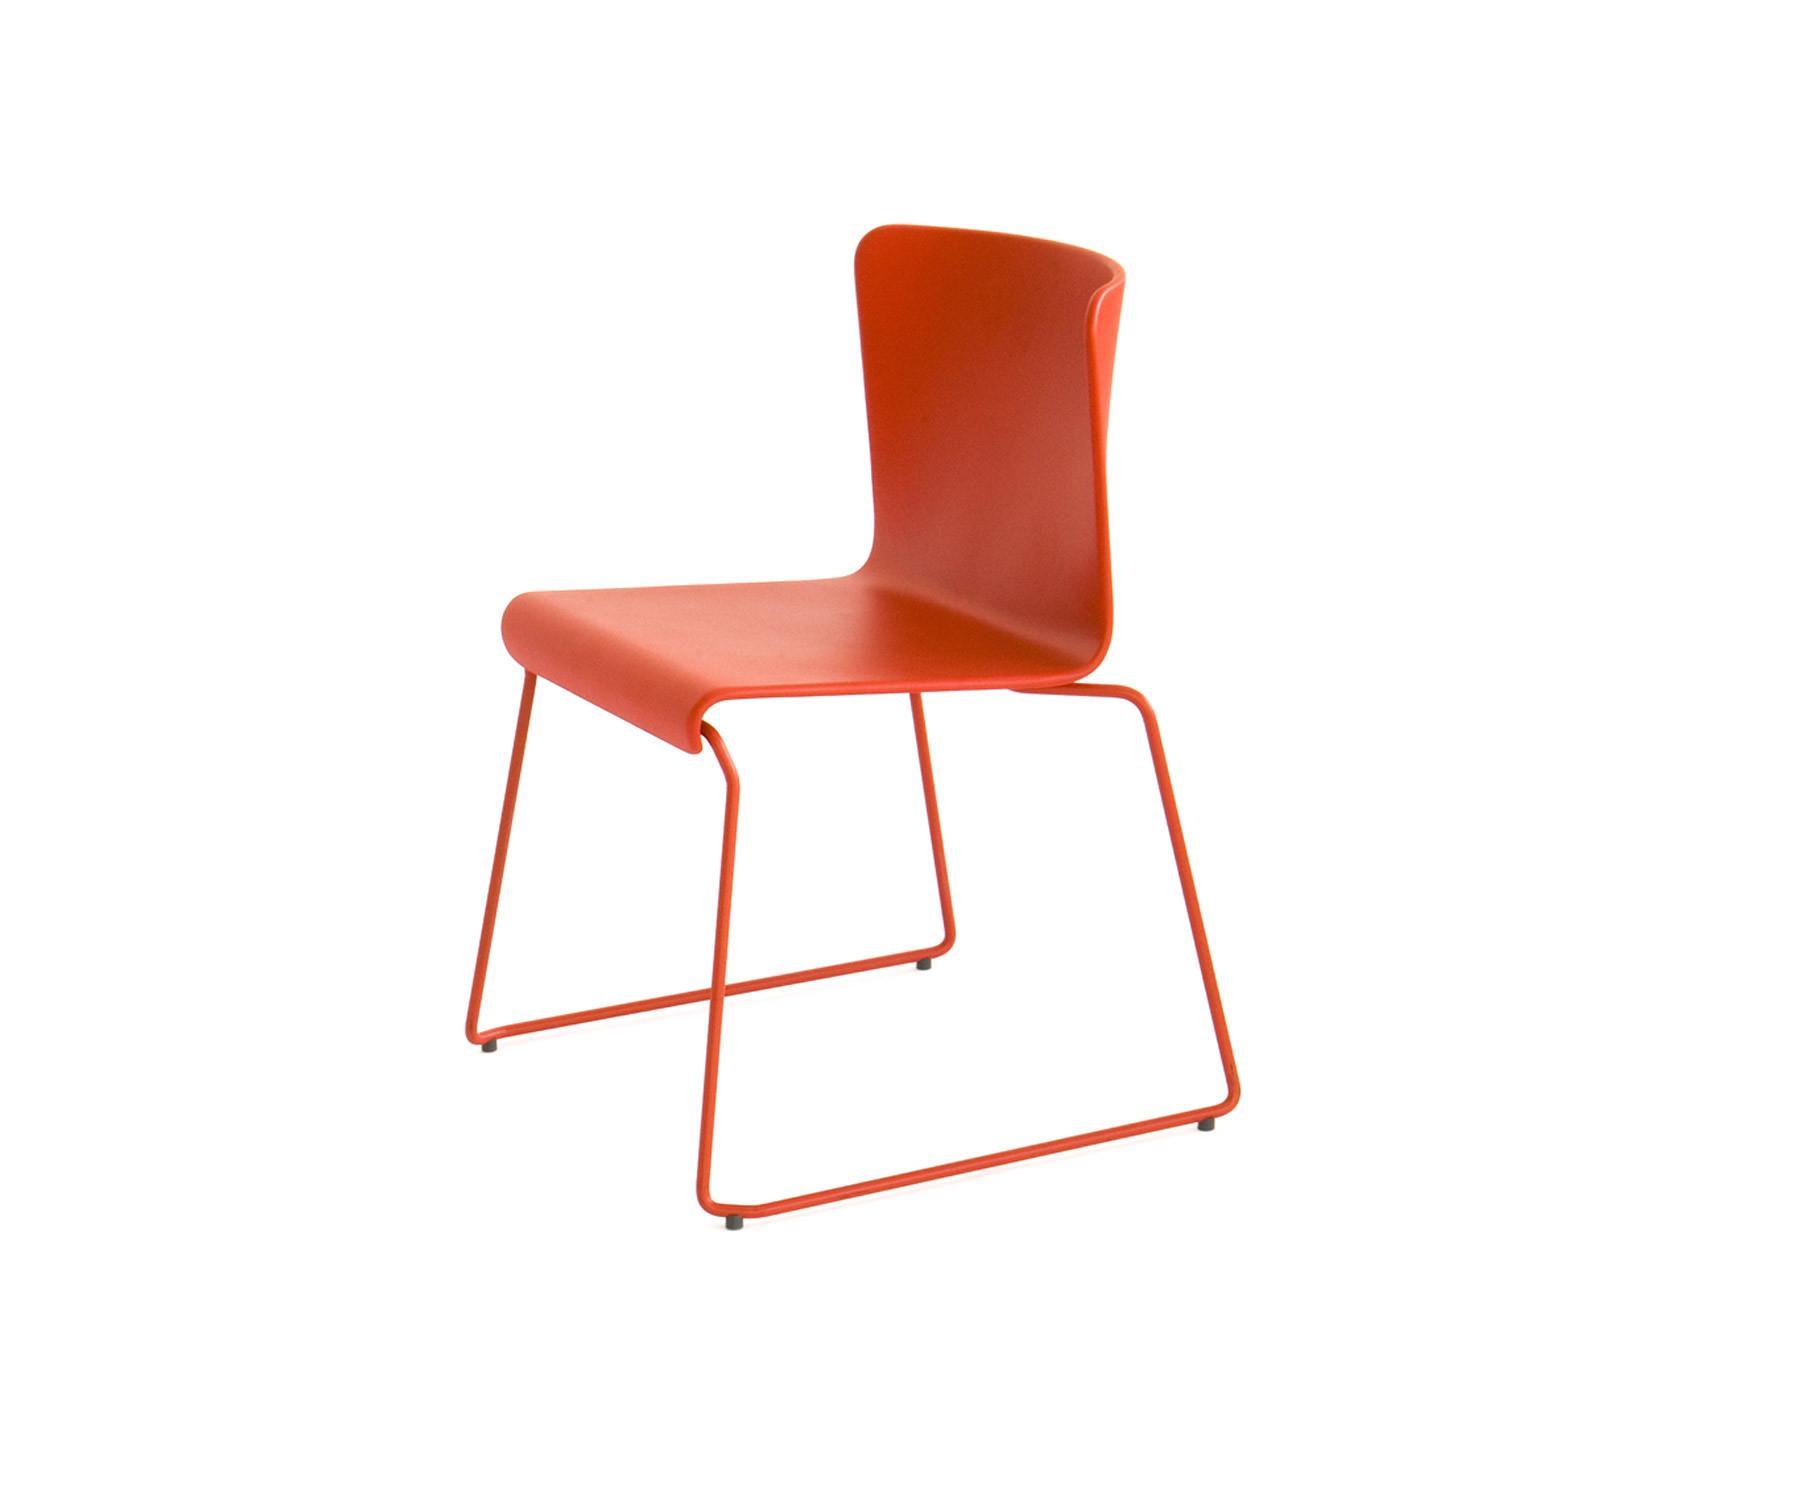 Sphaus lisbon stuhl schlankes minimalistisches design for Design stuhl freischwinger piet 30